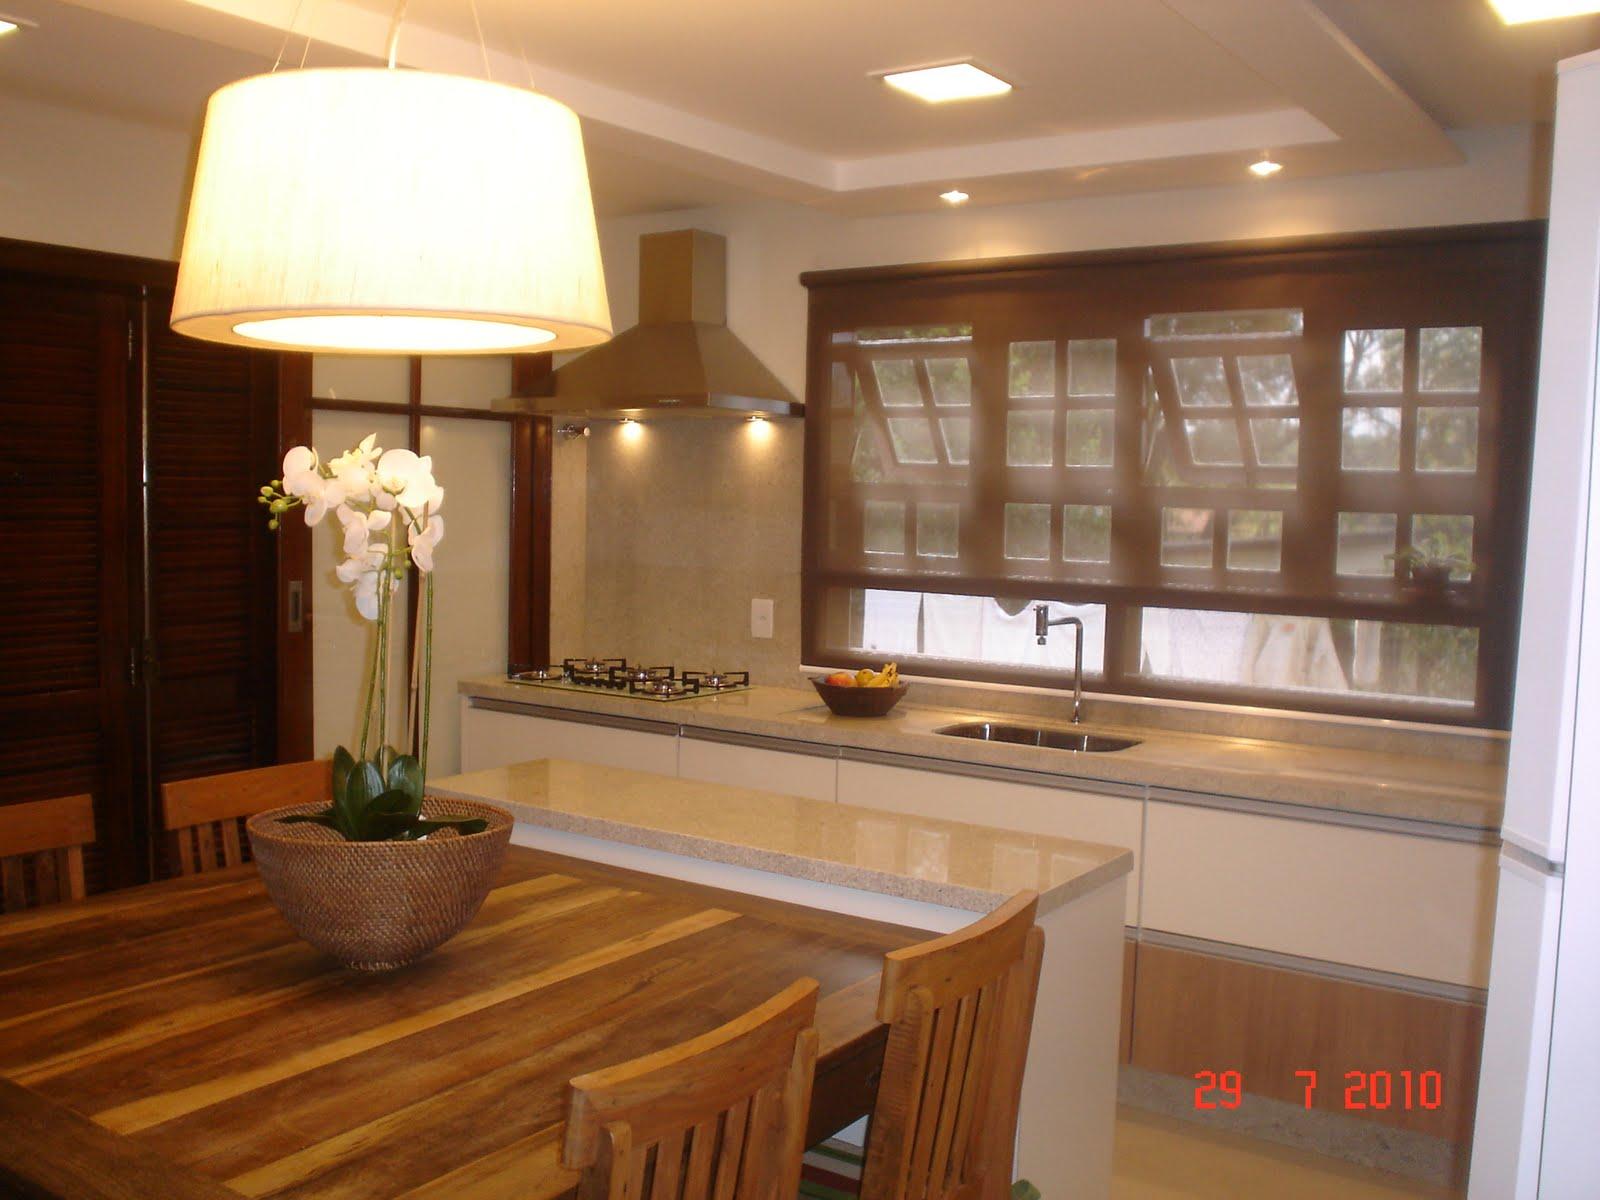 #AA3221 parede da antiga pia ganhou uma porta janela dando acesso para rua  586 Janelas Em Madeira Para Cozinha